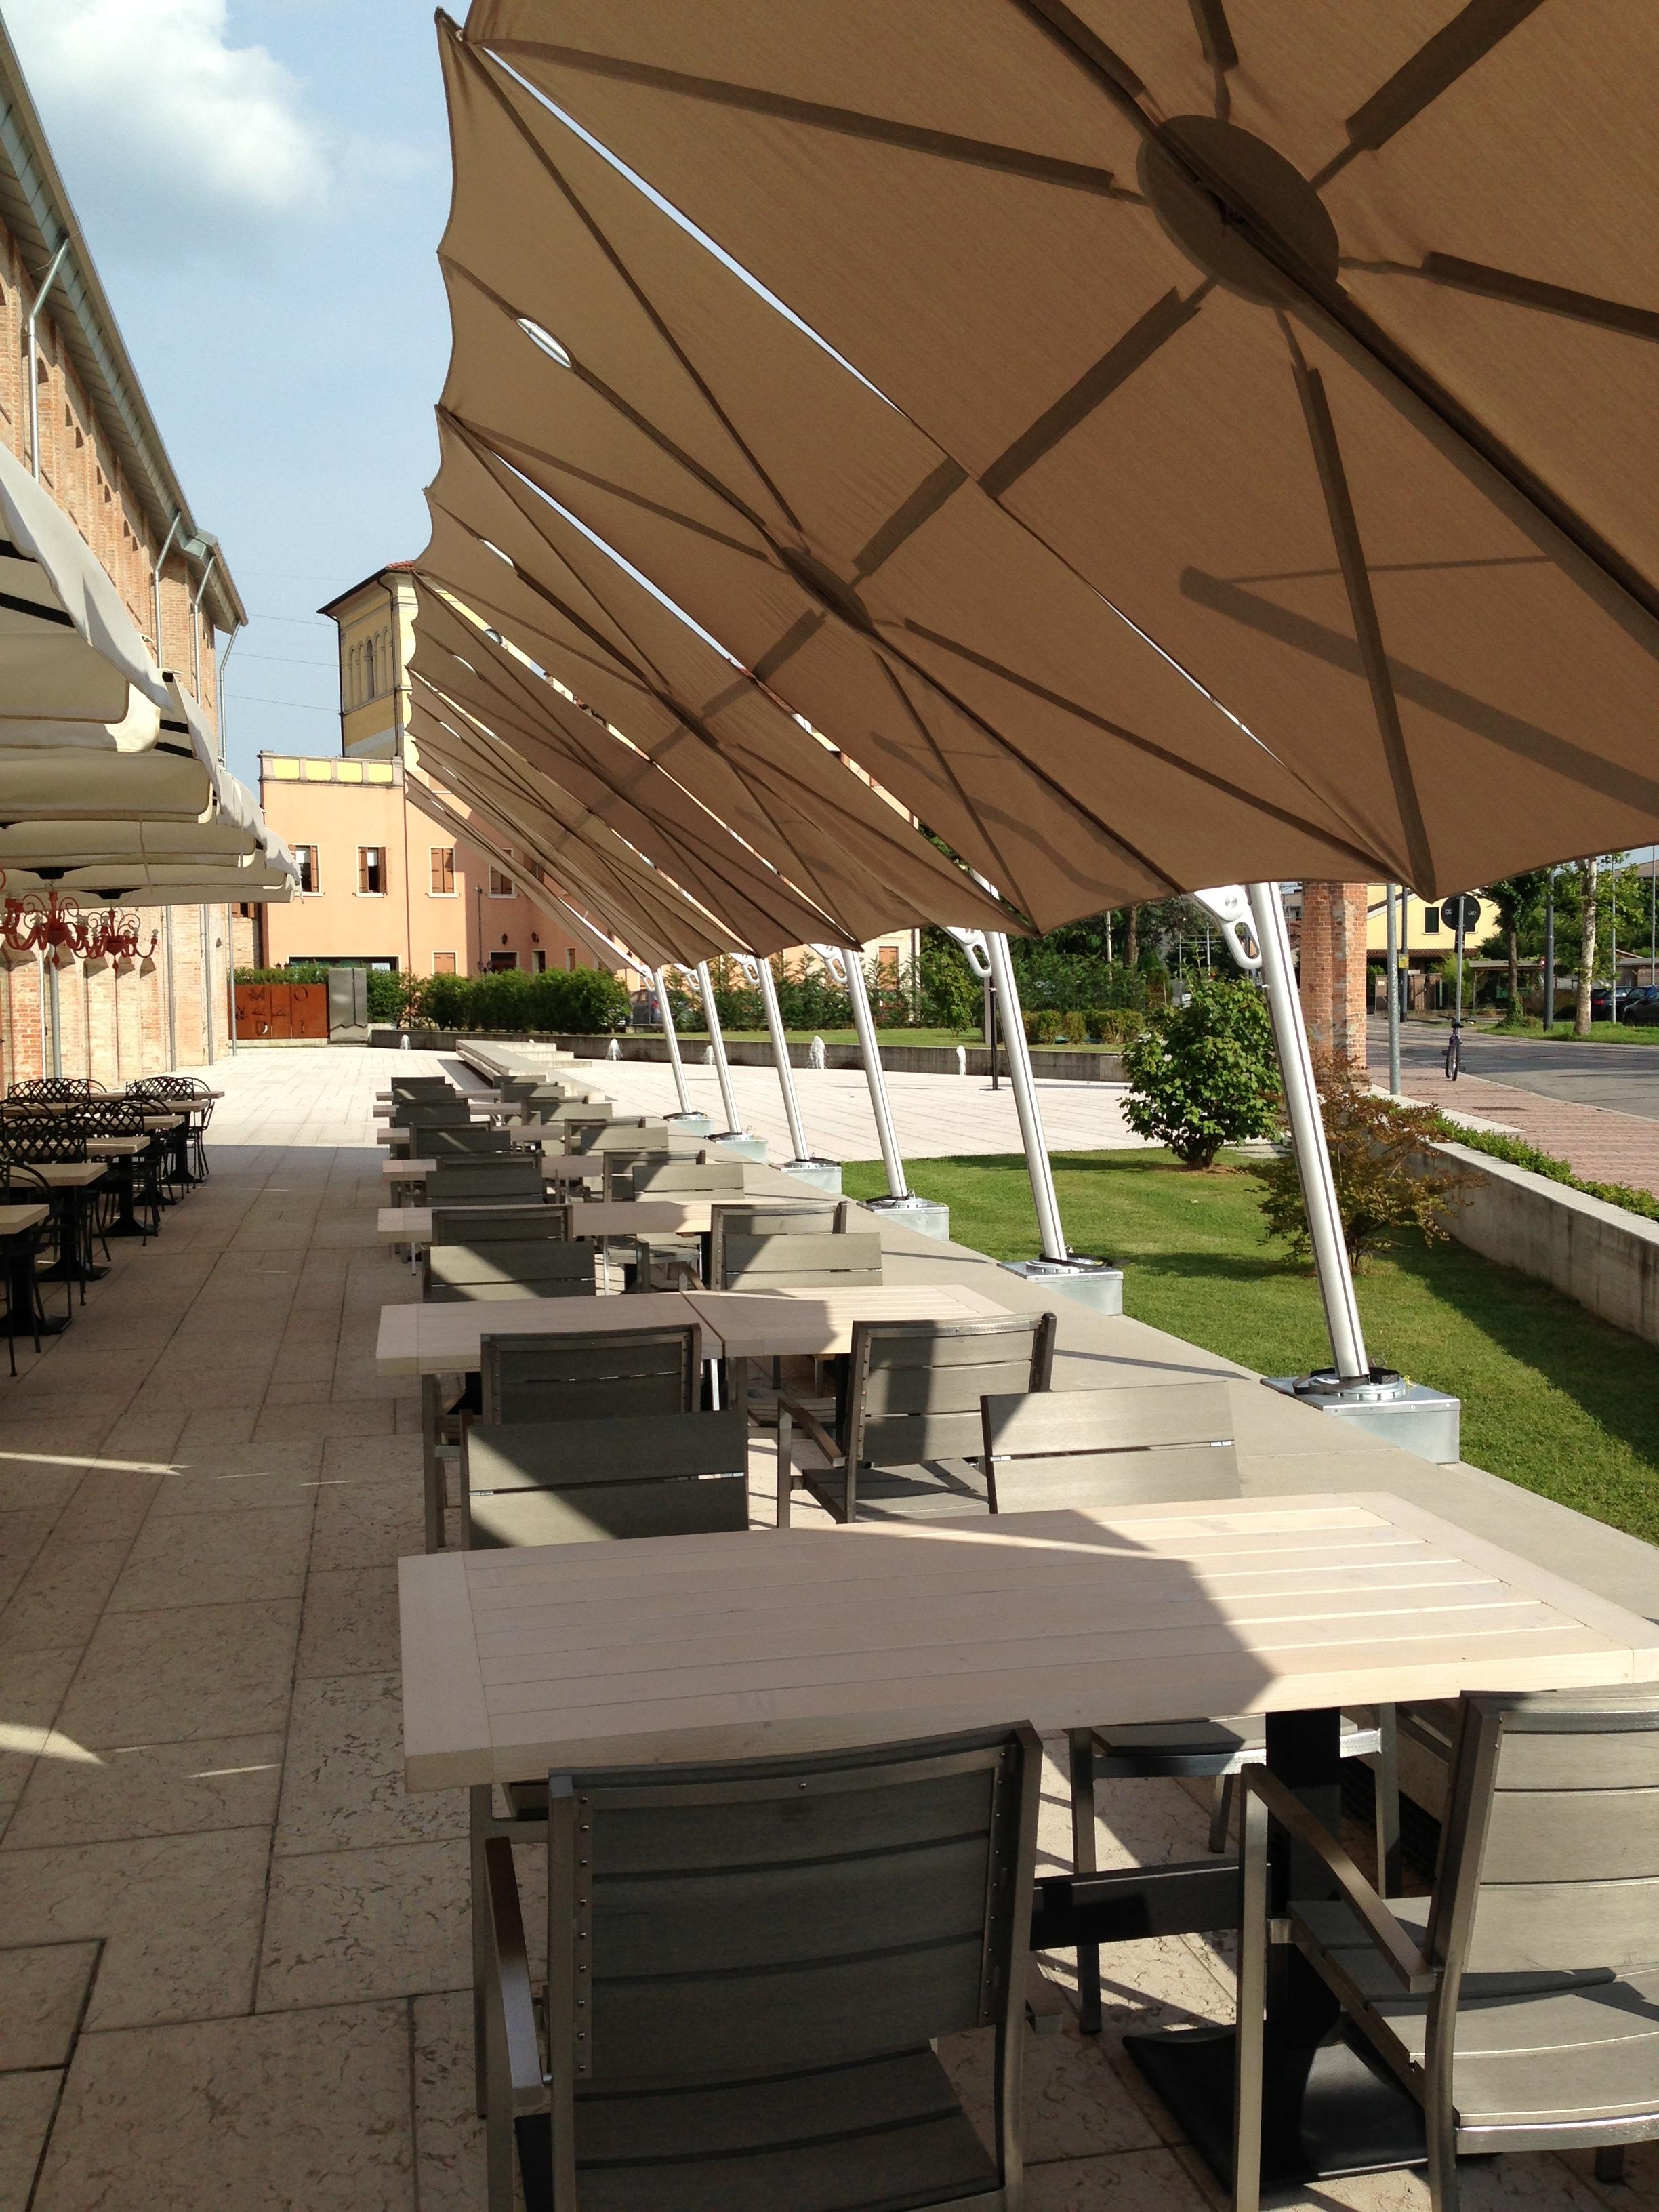 レストラン Birreria Spiller、イタリア